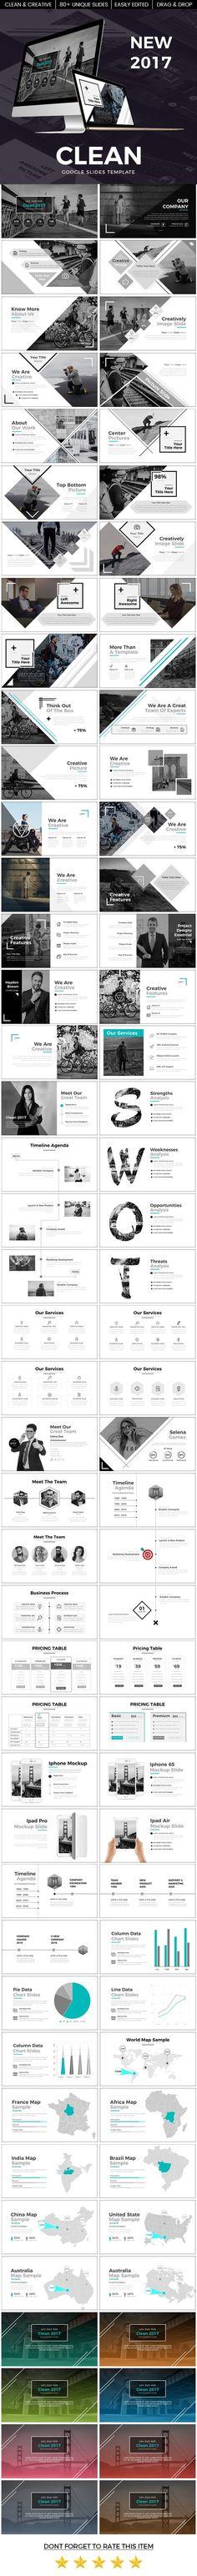 Clean 2017 Google Slide Template - Google Slides #Presentation #Templates Download here: https://graphicriver.net/item/clean-2017-google-slide-template/19742859?ref=alena994: